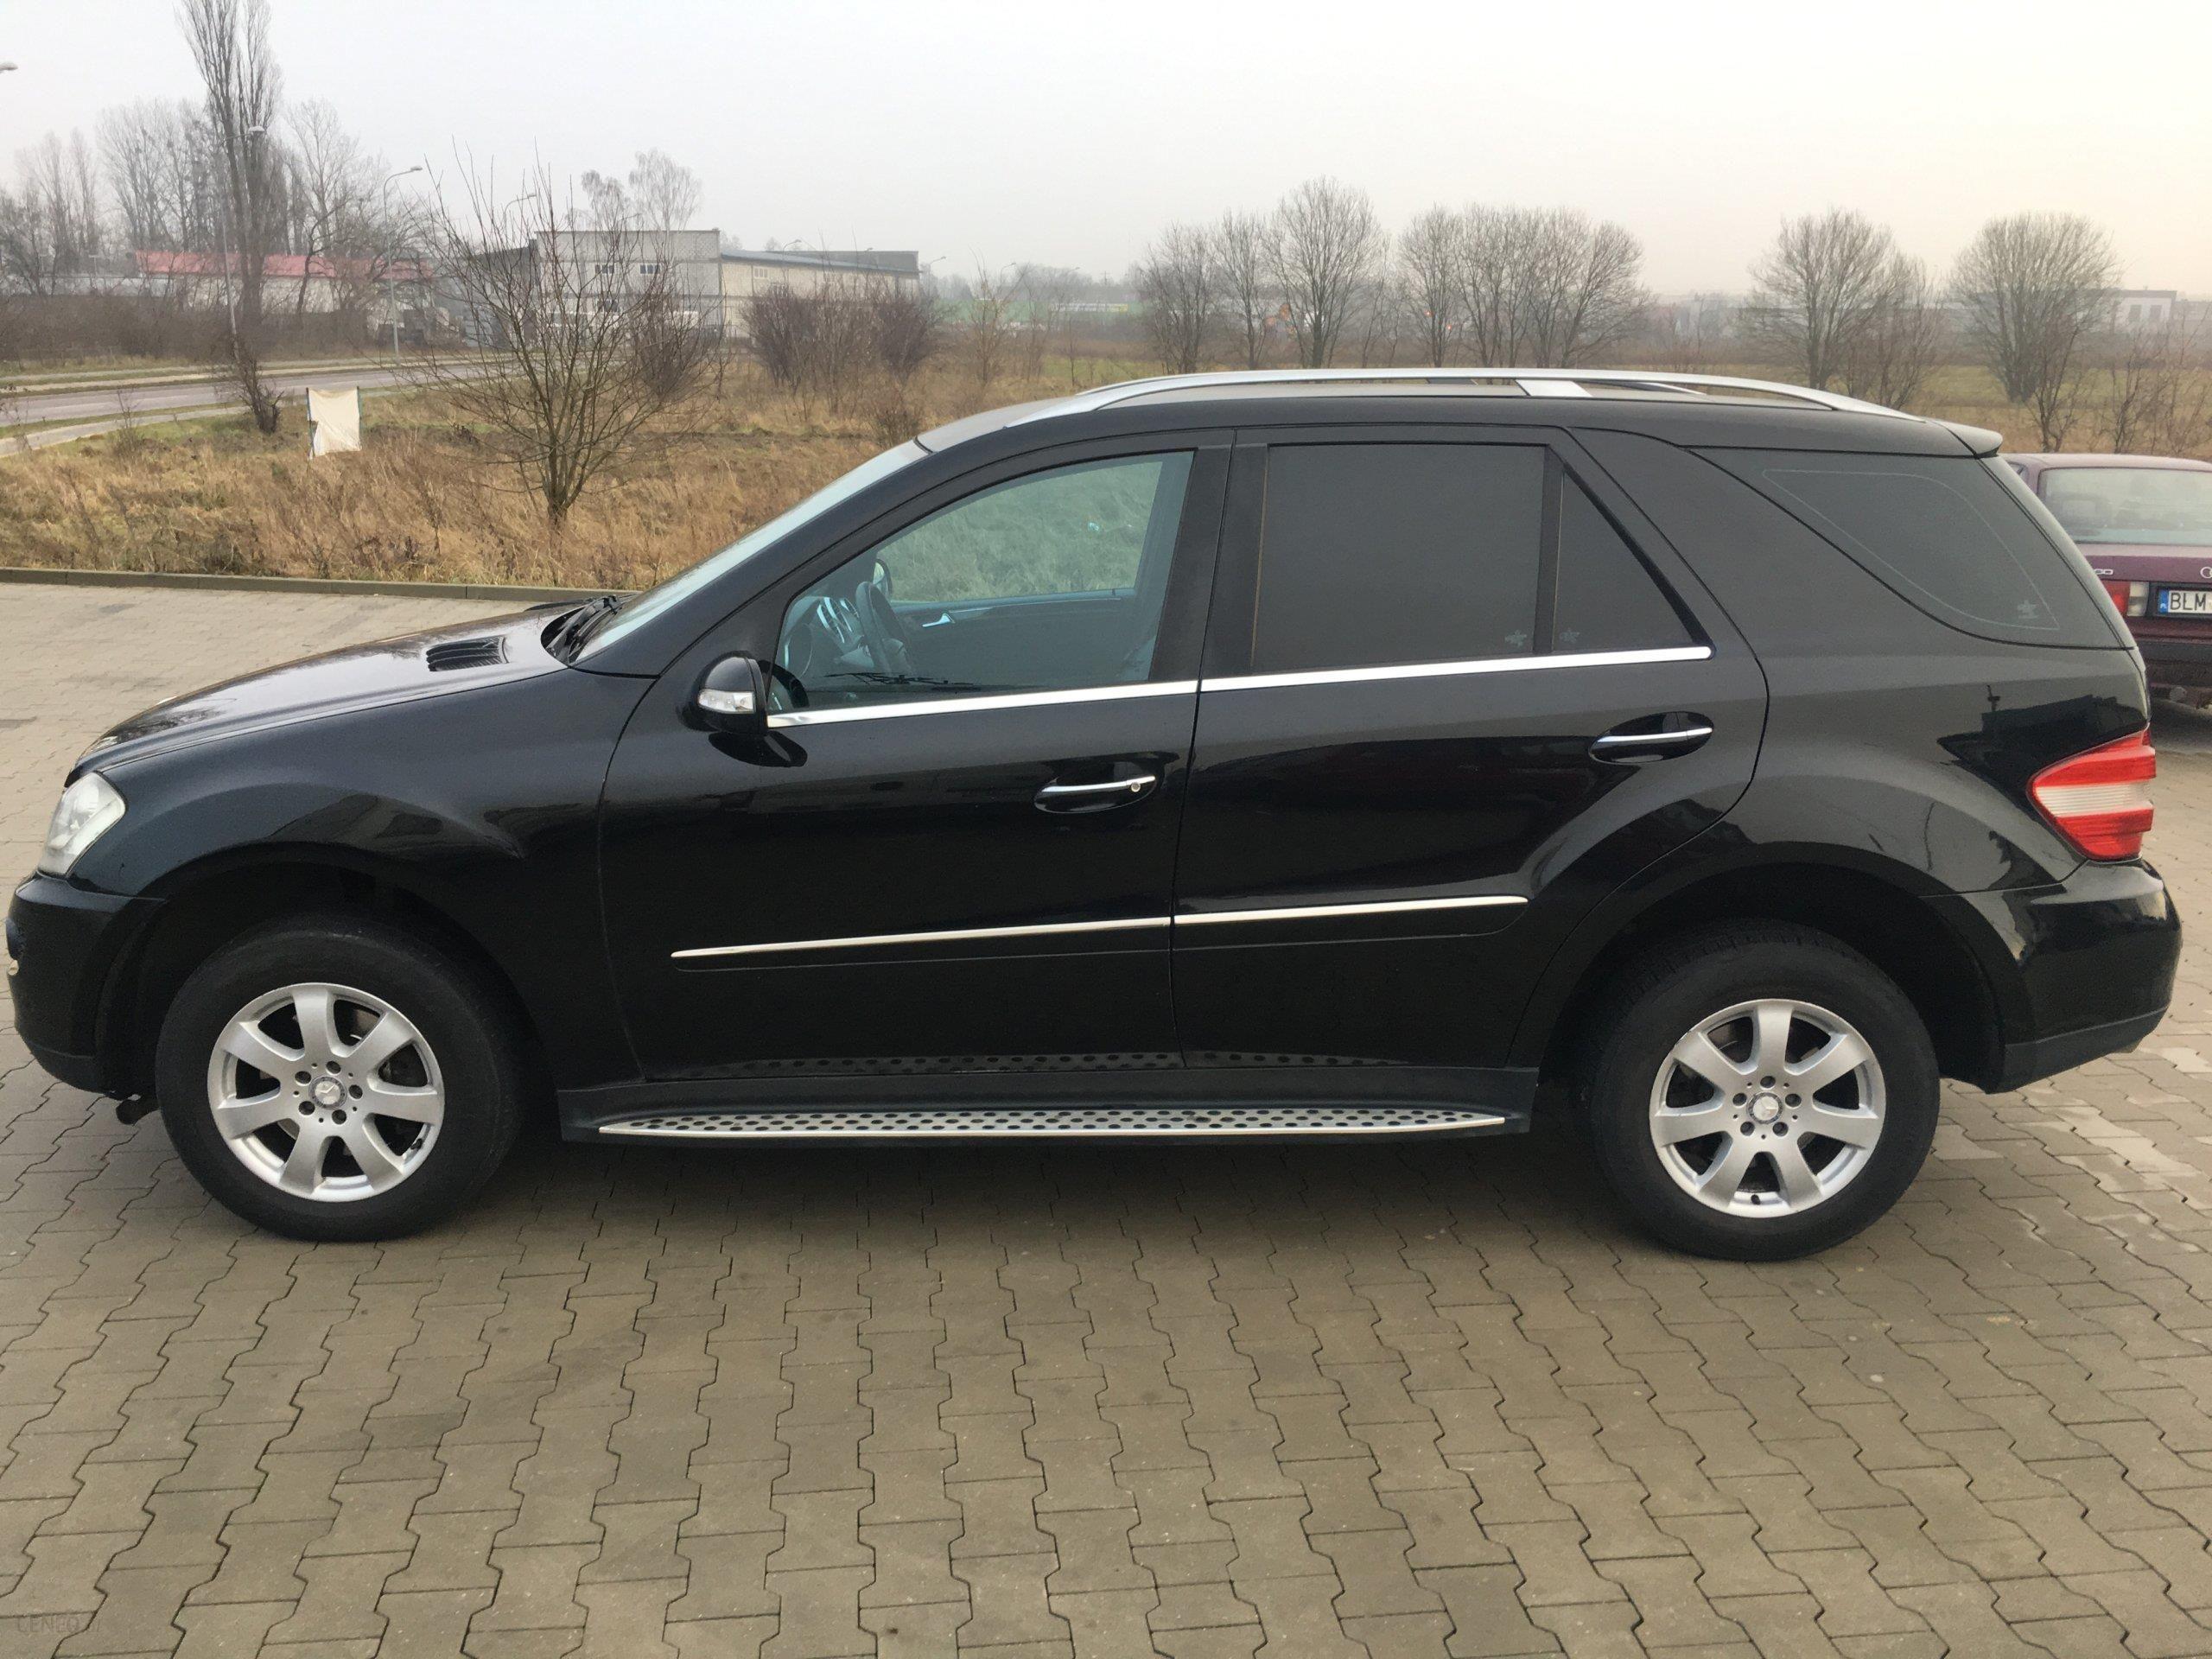 Mercedes Benz ML W164 2007 sel 211KM SUV czarny Opinie i ceny